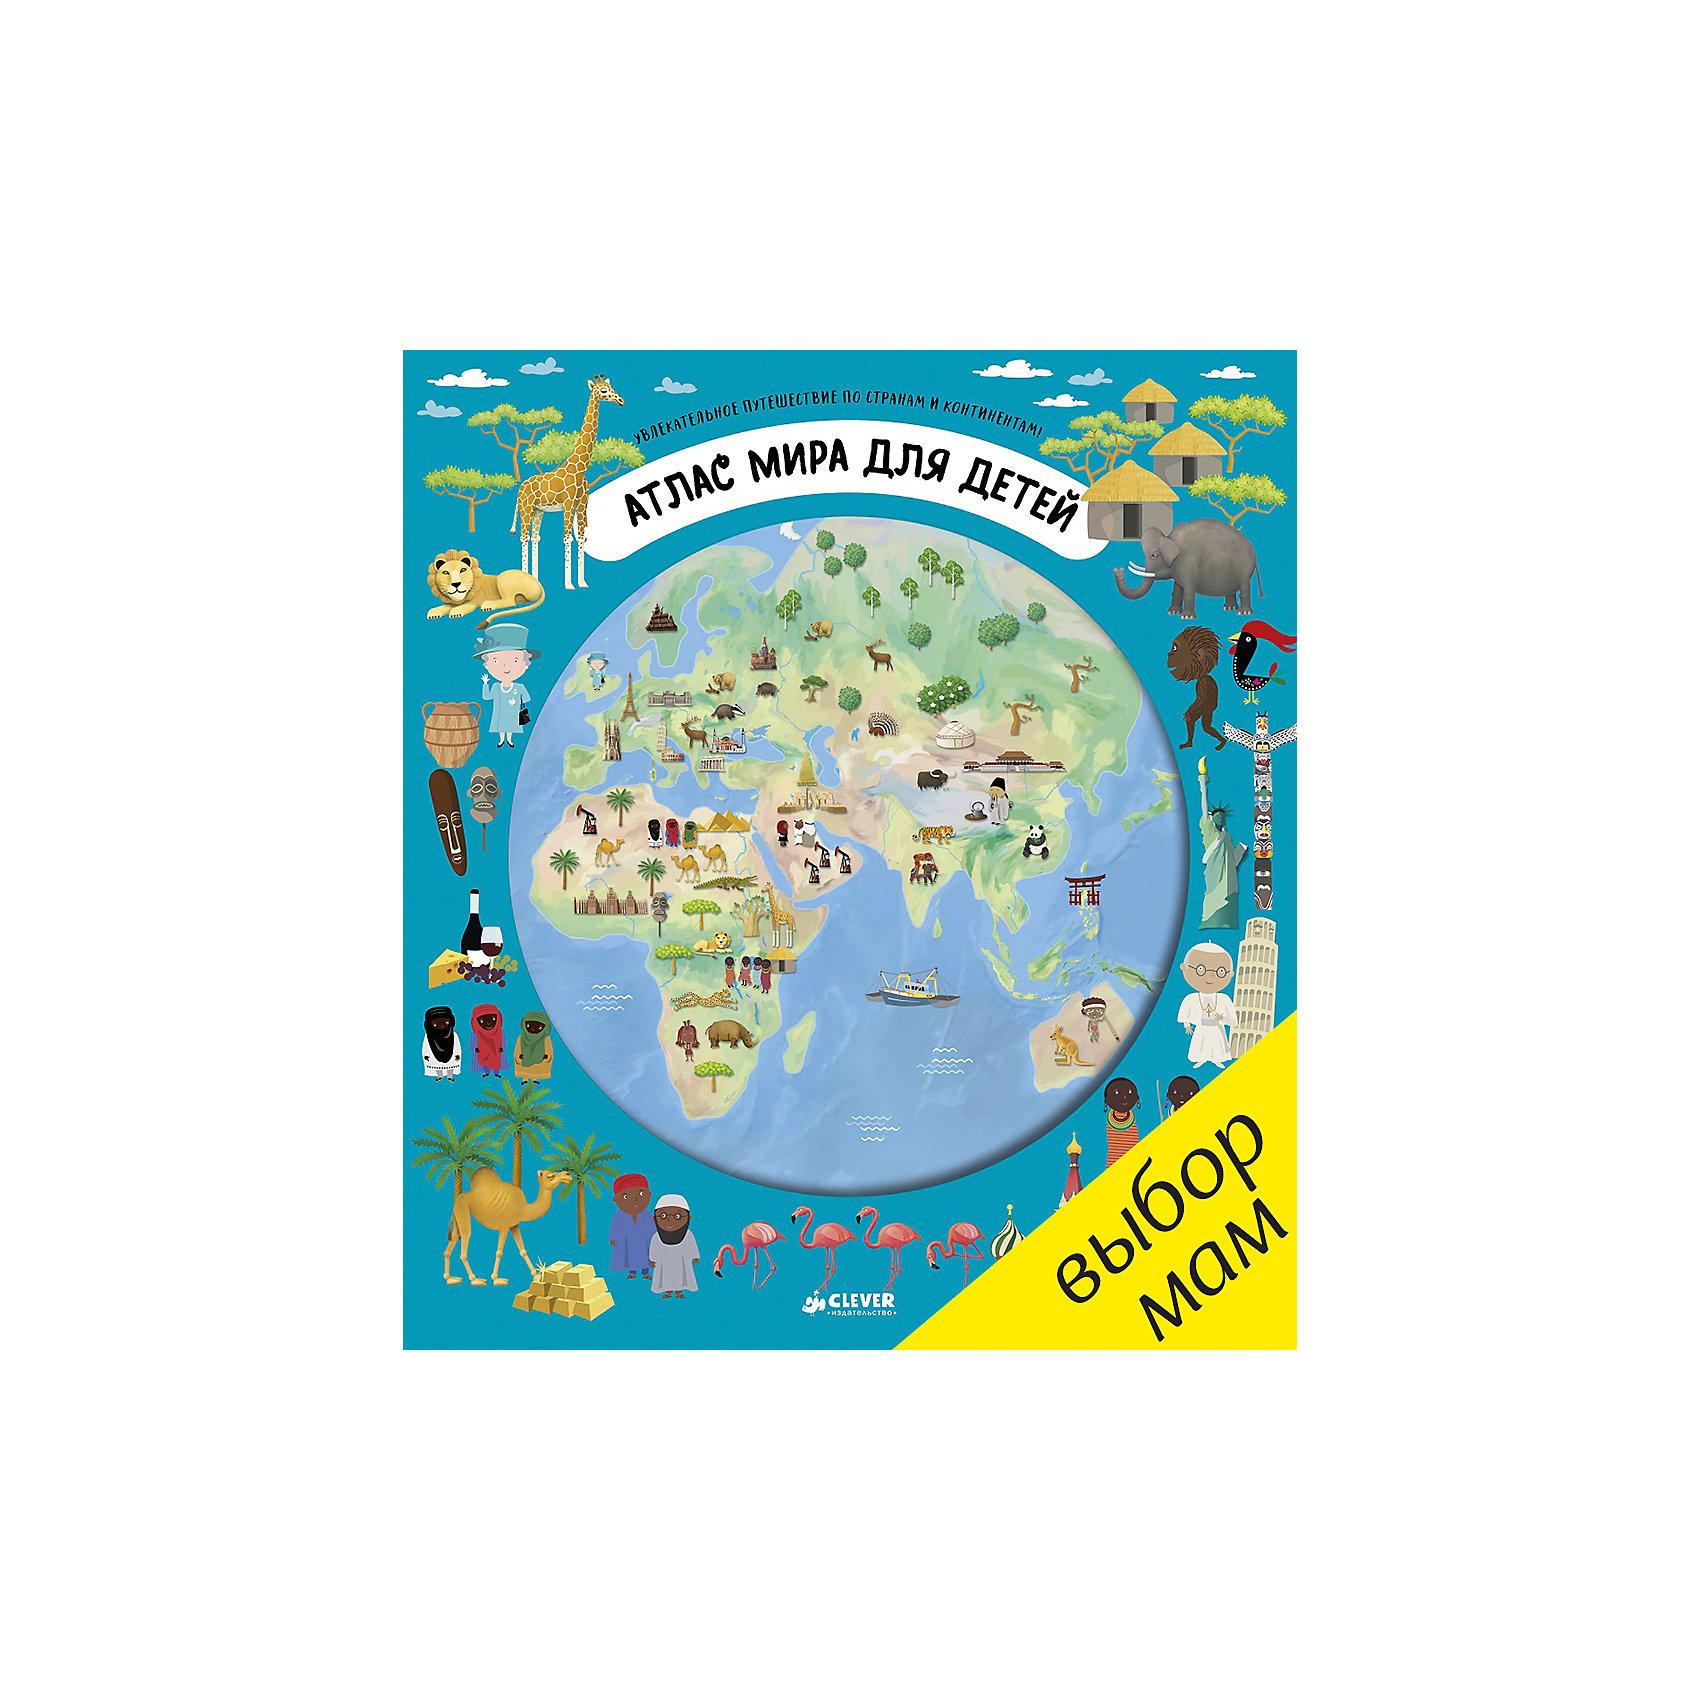 Атлас мира для детей, CleverХарактеристики атласа мира для детей:<br><br>• пол: для мальчиков и девочек<br>• возраст: 4-5 лет<br>• формат: 28.2х24.7х1.9 см<br>• комплект: книга, наклейки, открытки, паспорт путешественника.<br>• переплет: твердый переплёт<br>• иллюстрации: цветные<br>• кол-во страниц: 32<br>• авторы: Слейтер Д.<br>• издательство: Clever<br>• серия: найди, покажи, расскажи<br>• страна обладатель бренда: Россия<br><br>Данная книга из серии Удивительные энциклопедии представляет собой Атлас мира и предоставляет возможность посетить все континенты на планете Земля. Ребенок сможет в игровой форме узнать не только о том, народы каких национальностей проживают на земле, но и какие животные на ней обитают. С помощью открыток, находящихся под обложкой книги, ребенок сможет прочитать краткую информацию о разных странах.<br>Используя наклейки, можно научиться определять какой из флагов соответствует той или иной стране, и какие животные в ней обитают. <br><br>Паспорт путешественника содержит в себе не только много полезной и интересной информации, в нем также и масса увлекательных заданий, выполнять которые одно удовольствие. Плотные и прочные страницы книги ярко проиллюстрированы, с таким пособием можно заниматься дома и брать с собой в путешествие, отчего поездка станет еще интересней.<br><br>Атлас мира для детей издательства Clever  можно купить в нашем интернет-магазине<br><br>Ширина мм: 280<br>Глубина мм: 215<br>Высота мм: 10<br>Вес г: 666<br>Возраст от месяцев: 48<br>Возраст до месяцев: 72<br>Пол: Унисекс<br>Возраст: Детский<br>SKU: 5440244